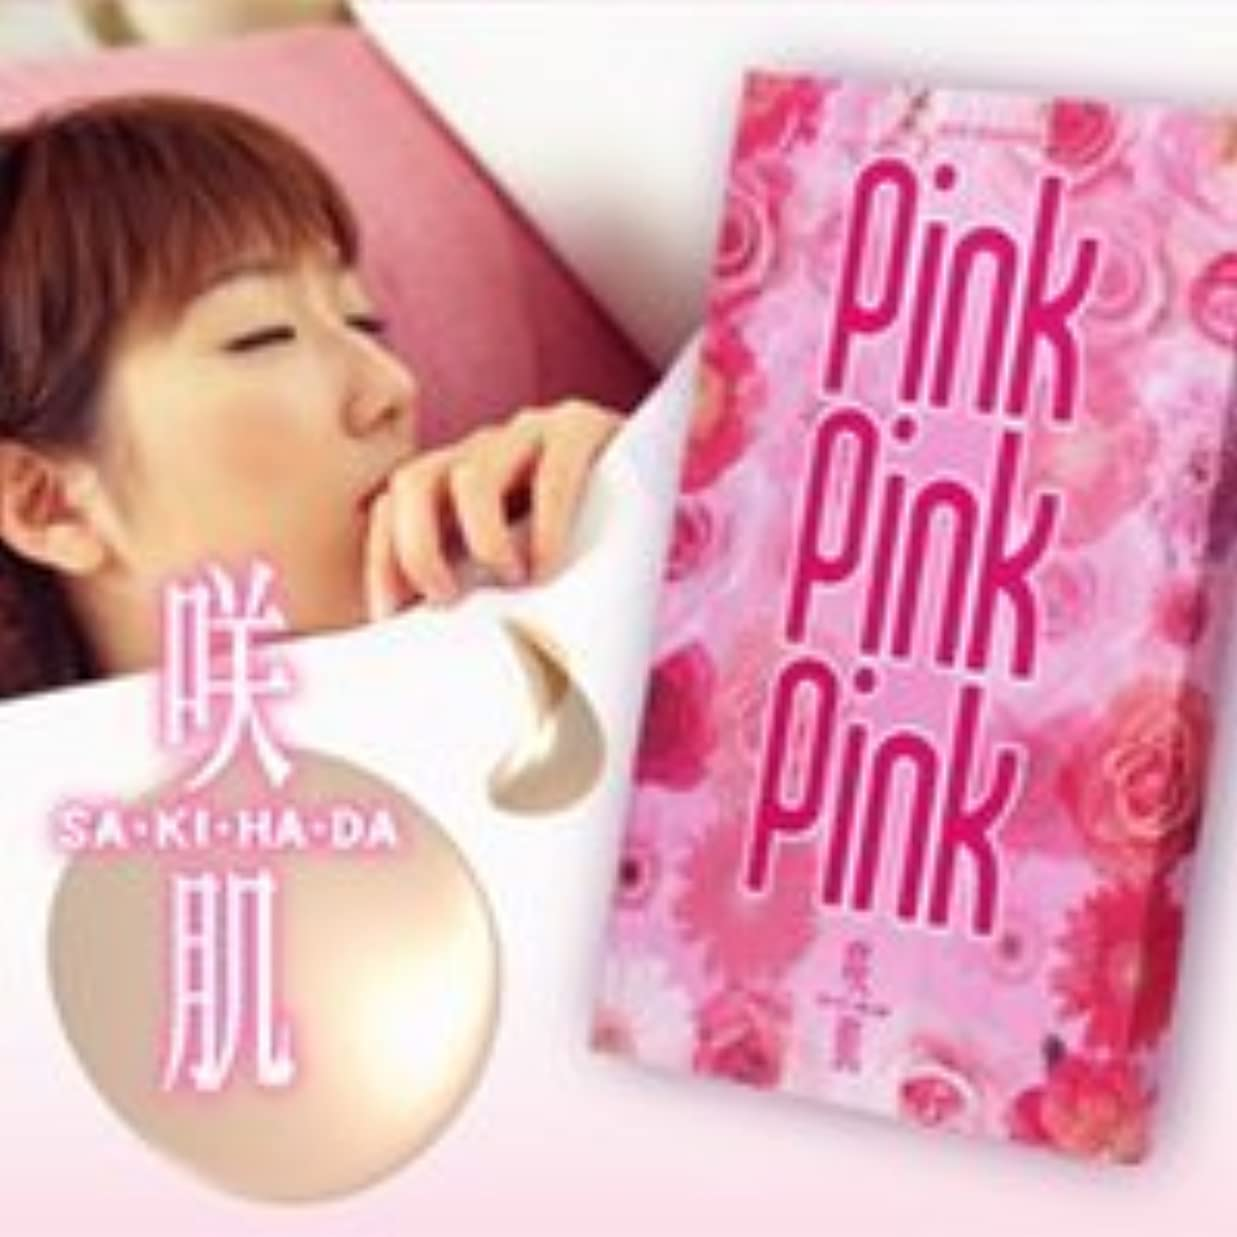 同意するソート肌寒い咲肌 PinkPinkPink バストうるるんマスク 3個セット?